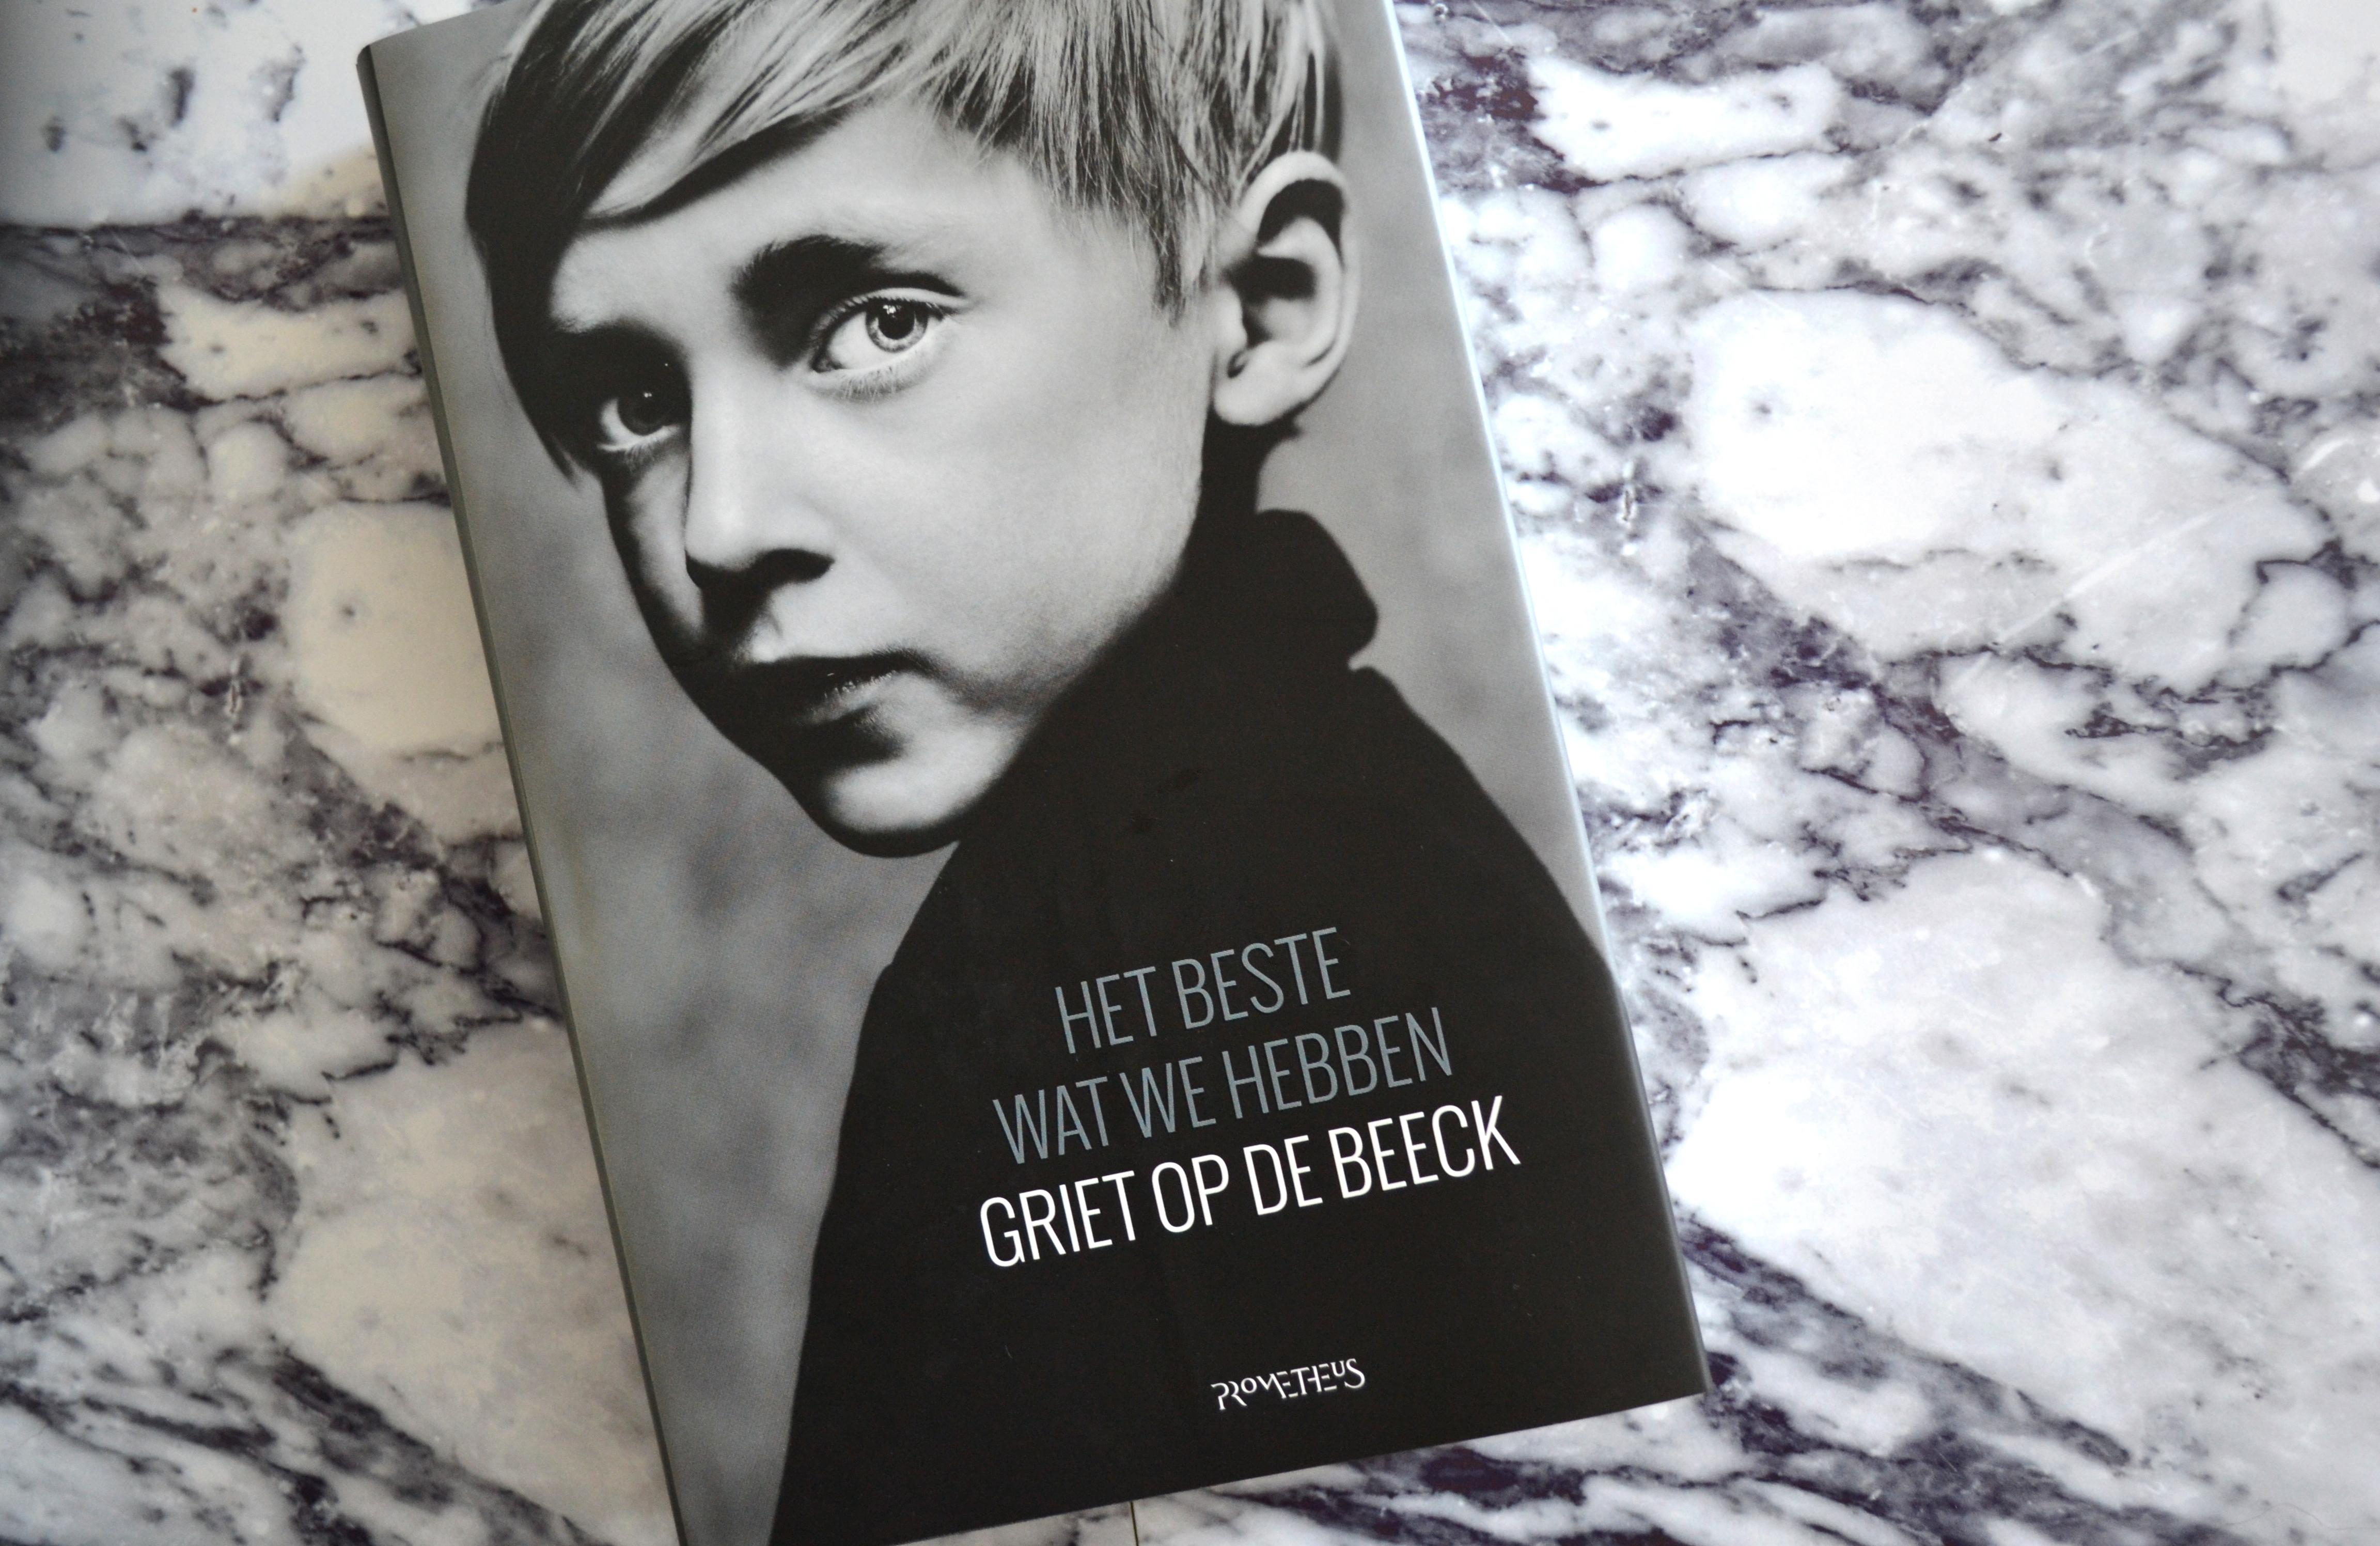 Het beste wat we hebben Griet Op de Beeck recensie